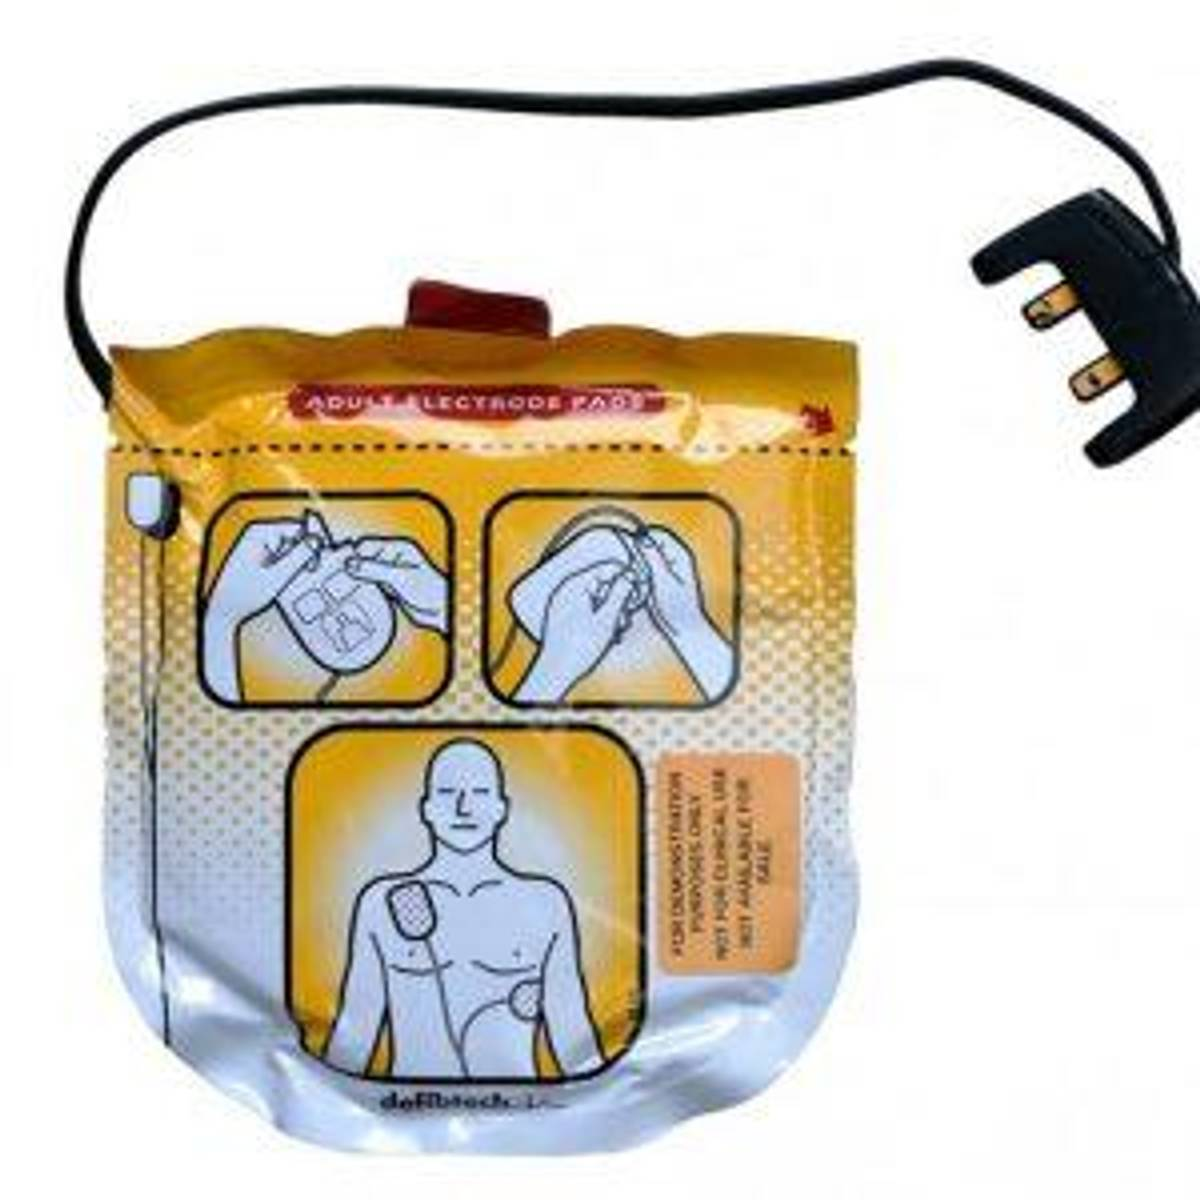 Lifeline VIEW/PRO Elektrodesett voksne